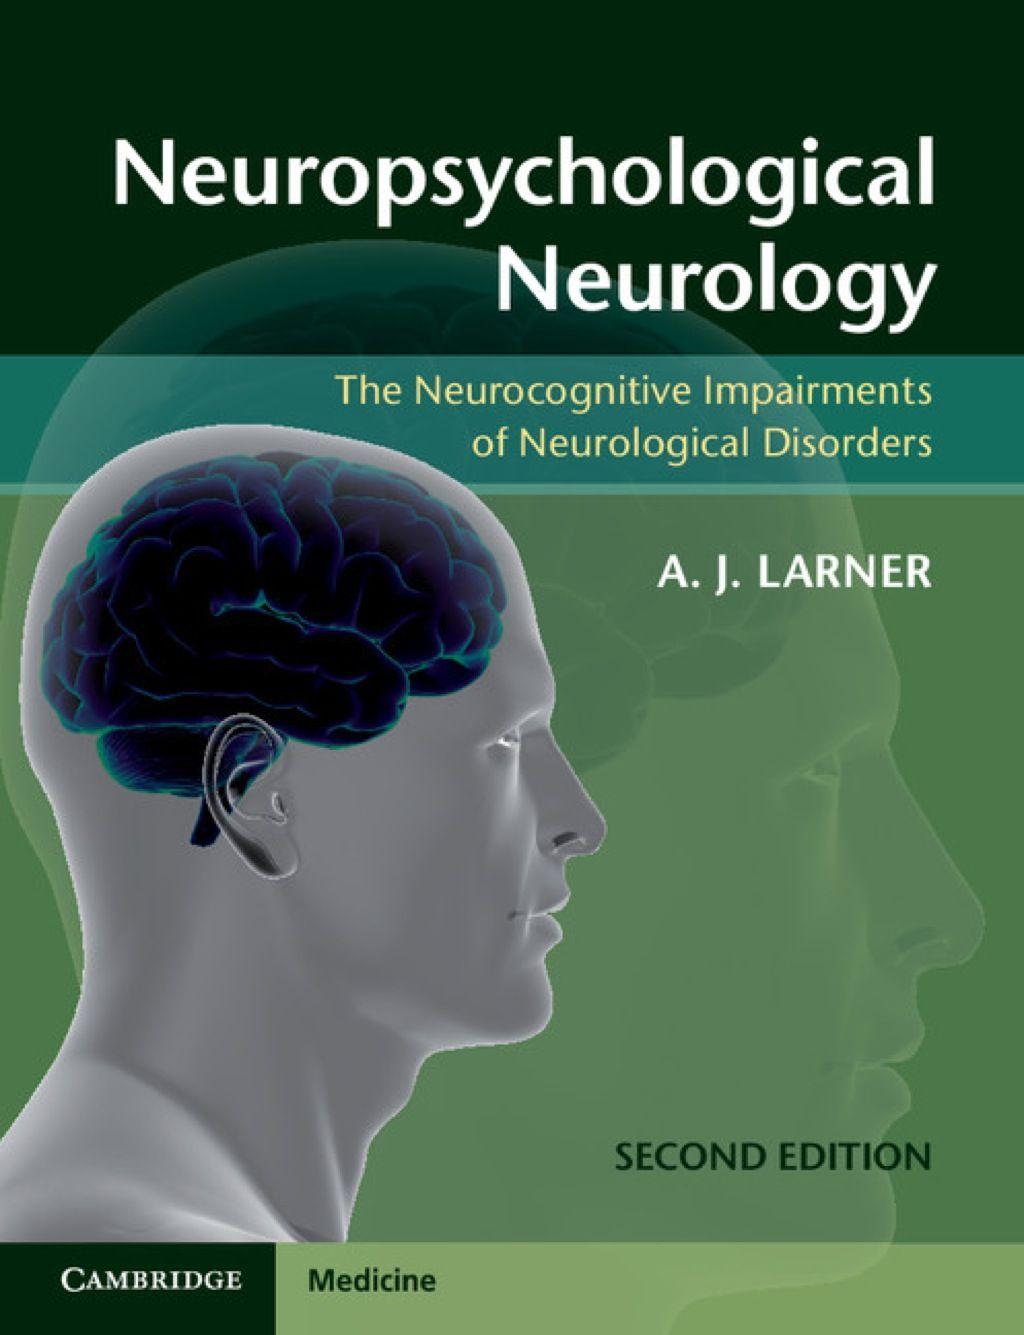 Neuropsychological Neurology (eBook) Neurological